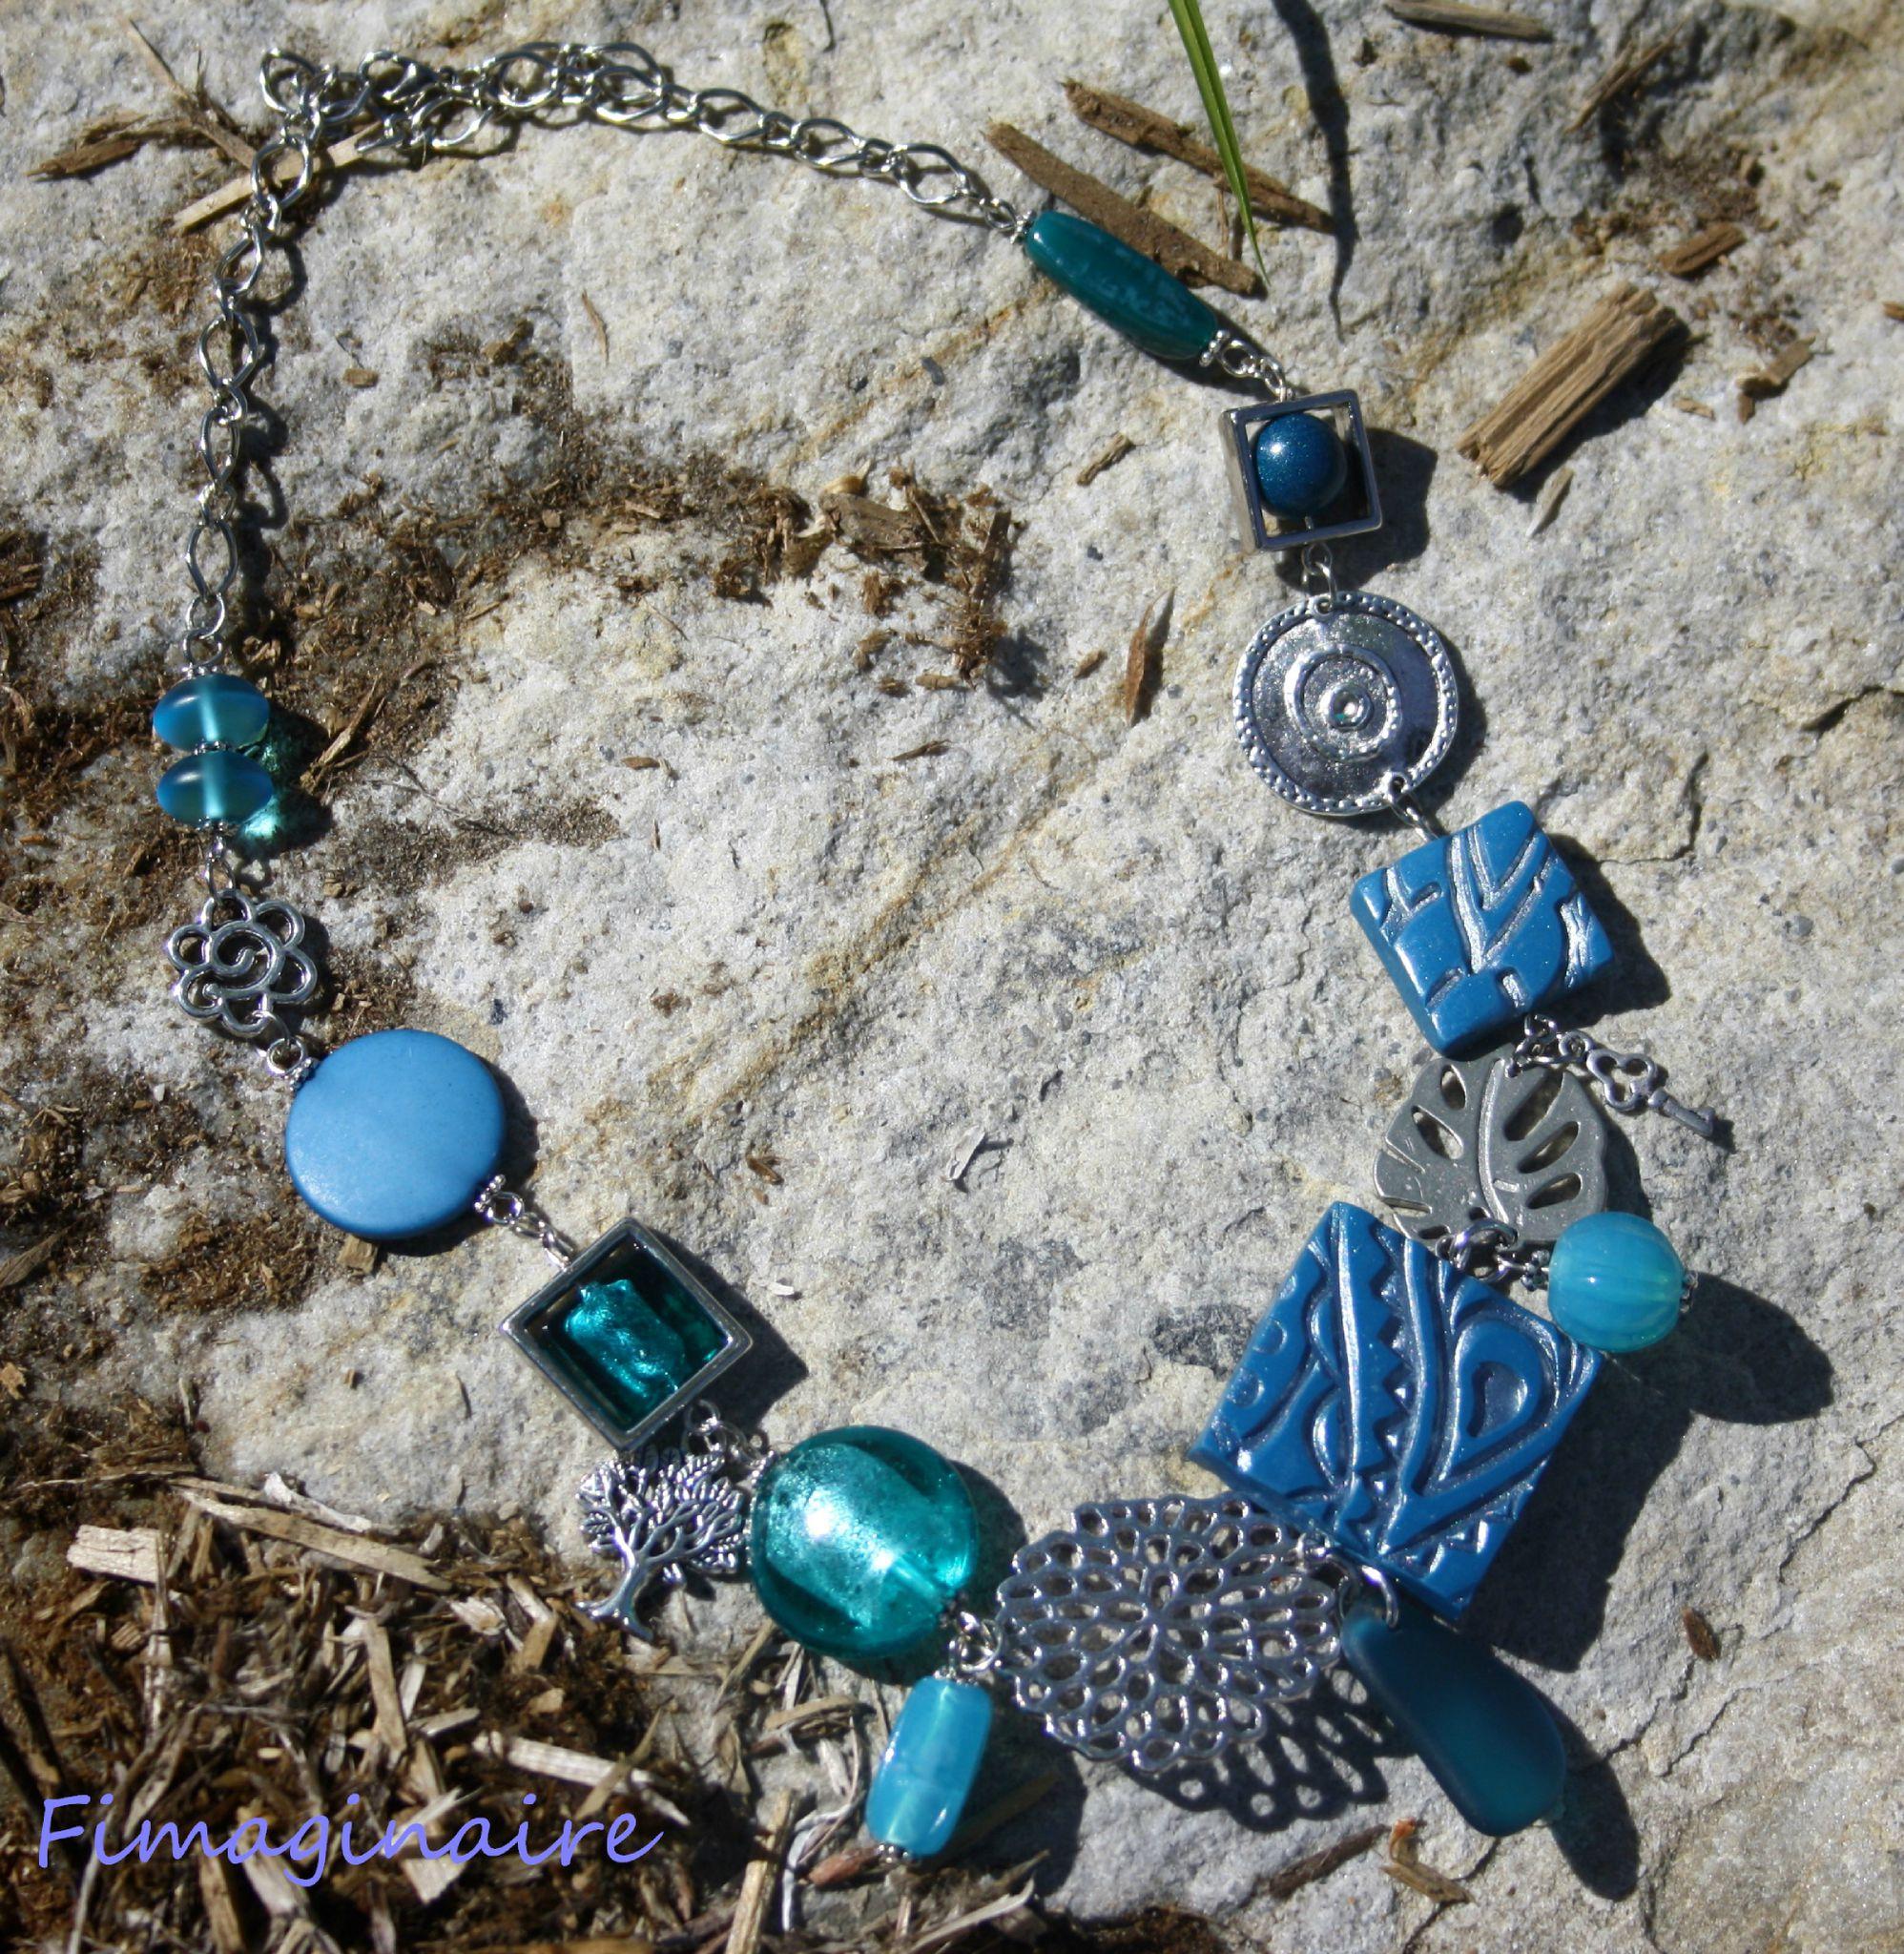 Collier bleu paon et métal - 30$